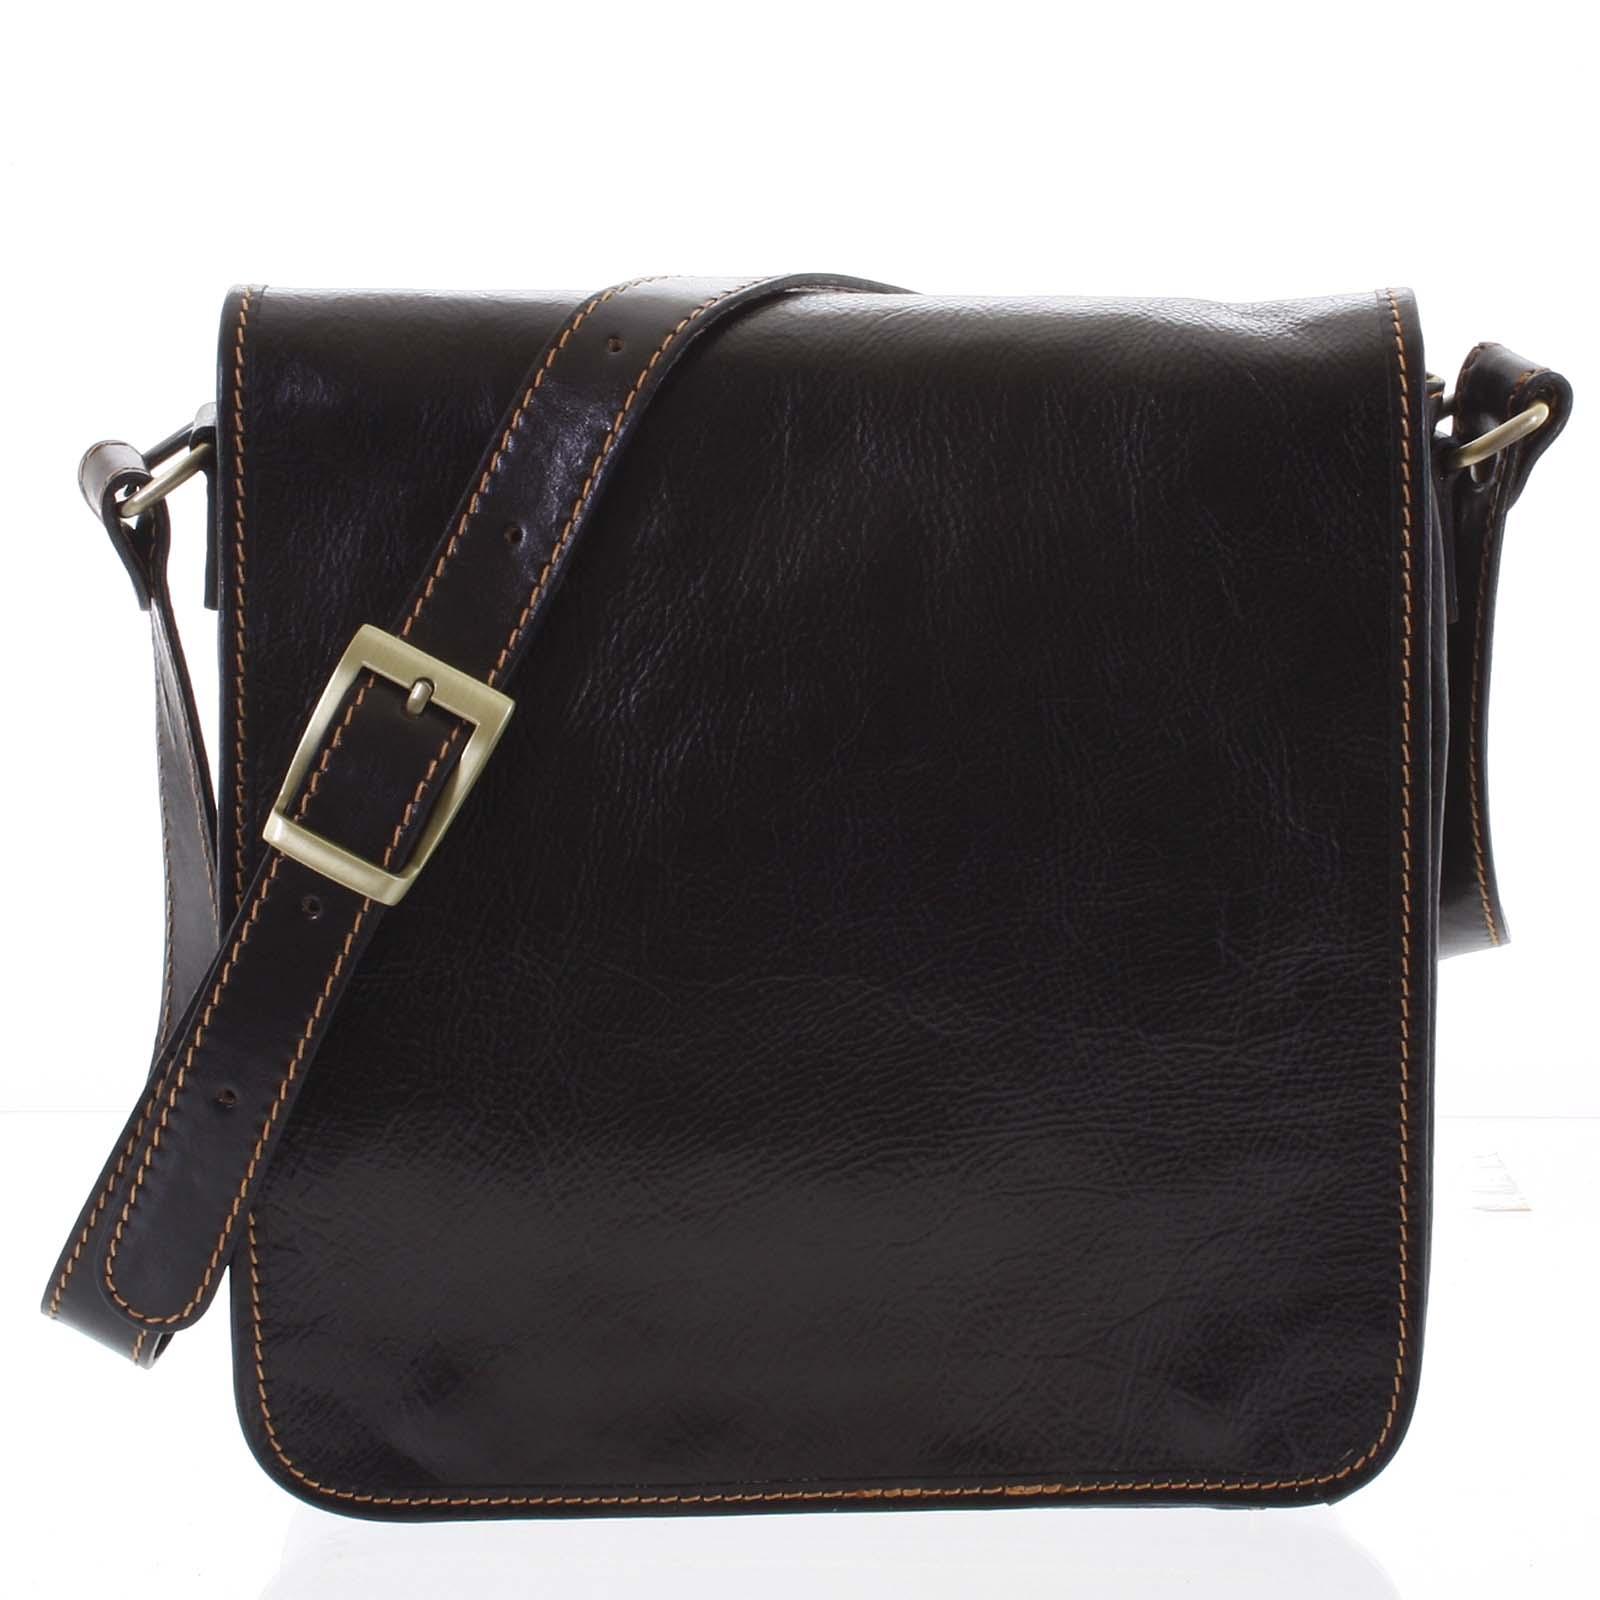 Pánská luxusní kožená taška přes rameno tmavě hnědá - ItalY Jamar